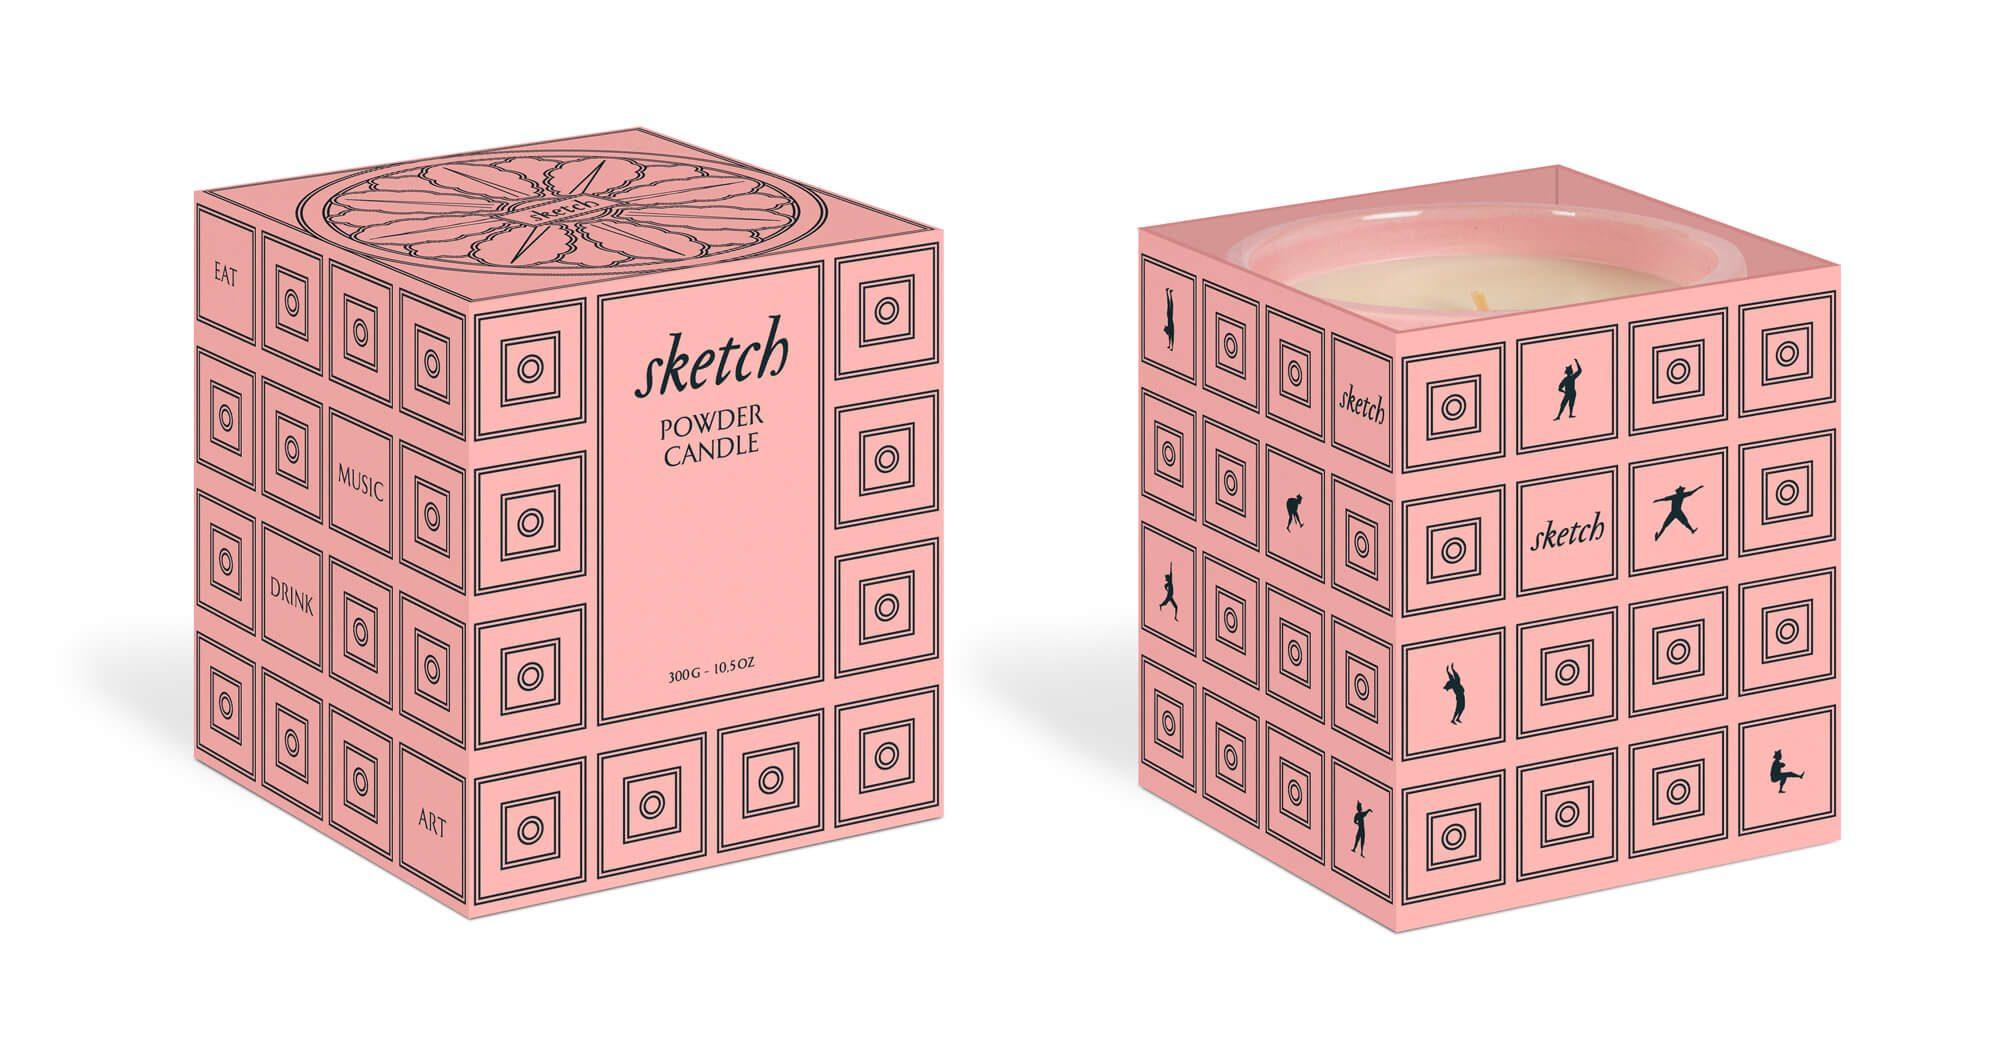 IchetKar dessine la boite de la sketch powder candle, motif et jumping men sur fond rose.